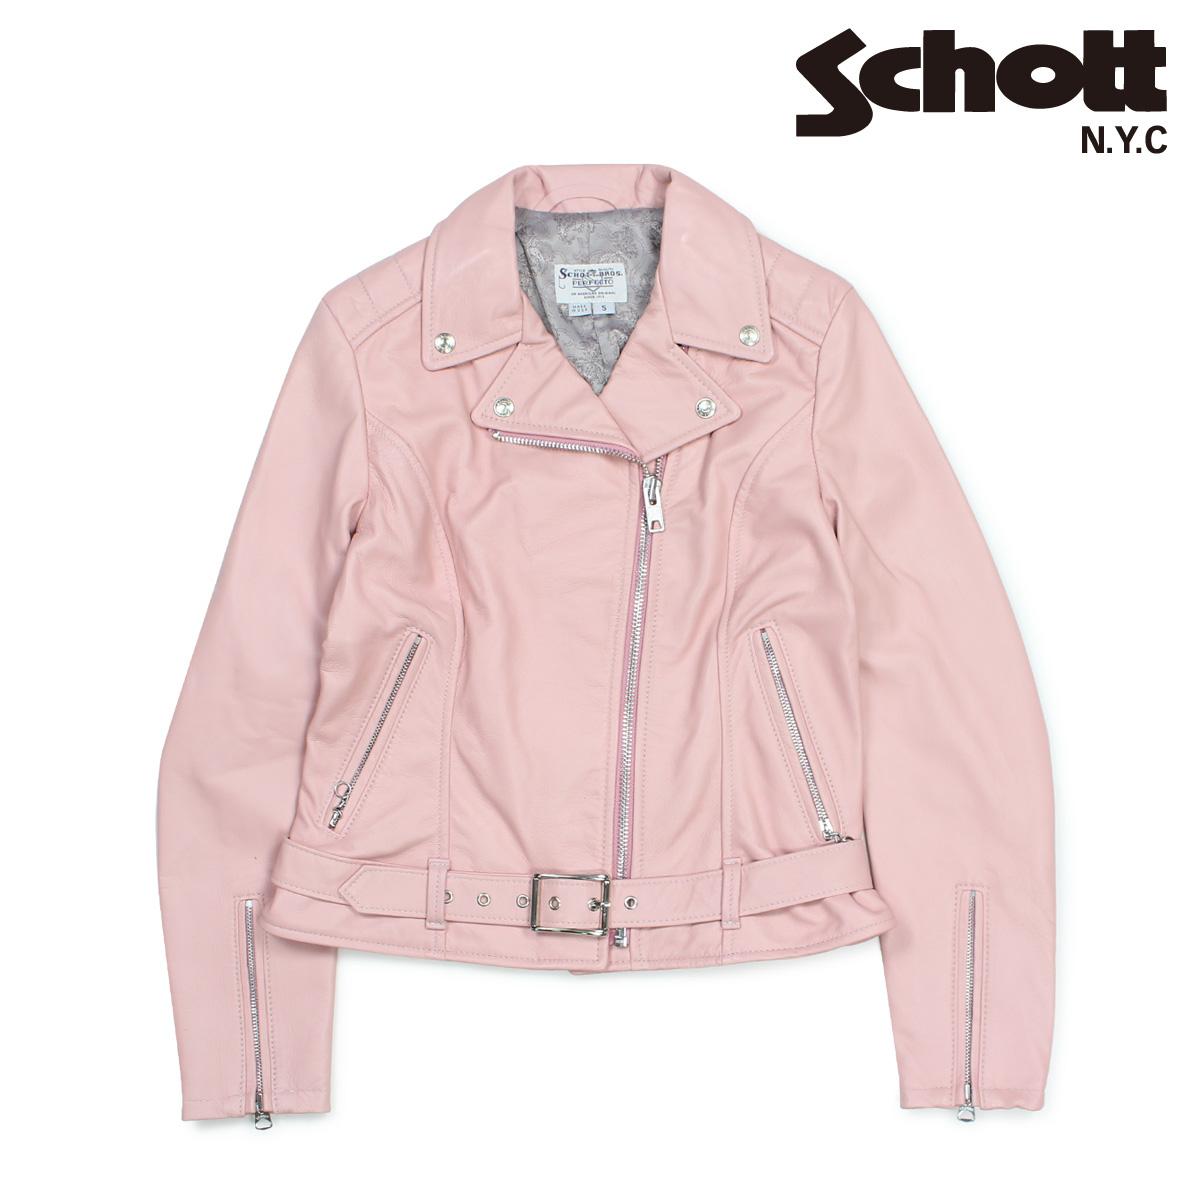 Schott ショット ダブルライダースジャケット ジャケット レザージャケット レディース MOTORCYCLE JACKET ピンク 216W 【決算セール 返品不可】